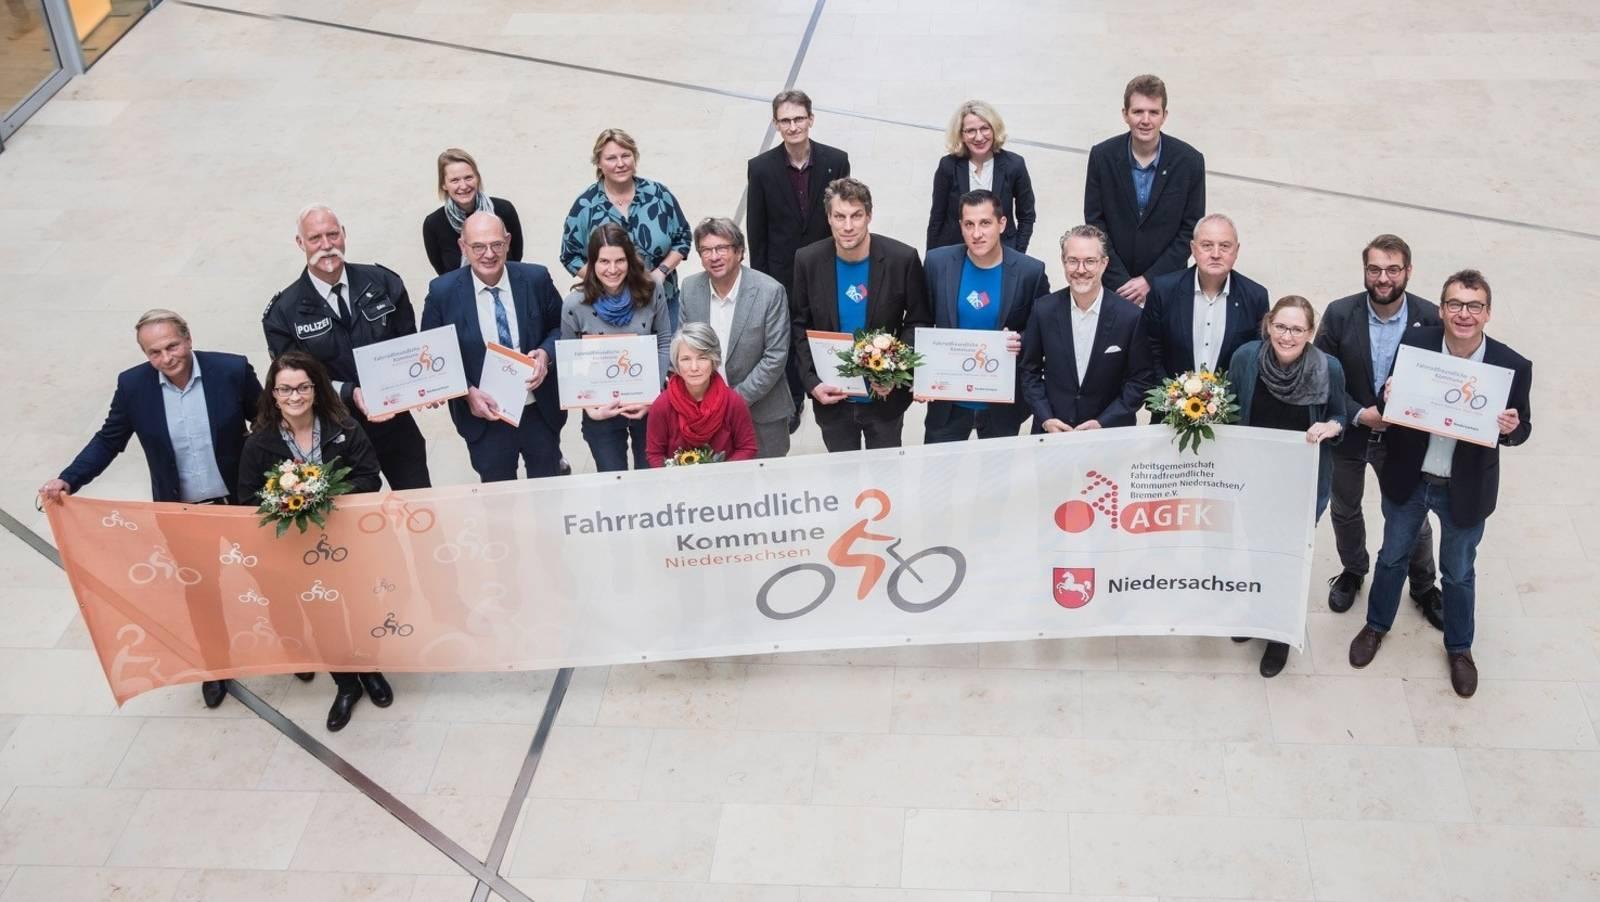 """Zwölf Männer und 7 Frauen stehen gemeinsam hinter einem Banner. Auf dem Banner steht """"Fahrradfreundliche Kommune Niedersachsen""""."""